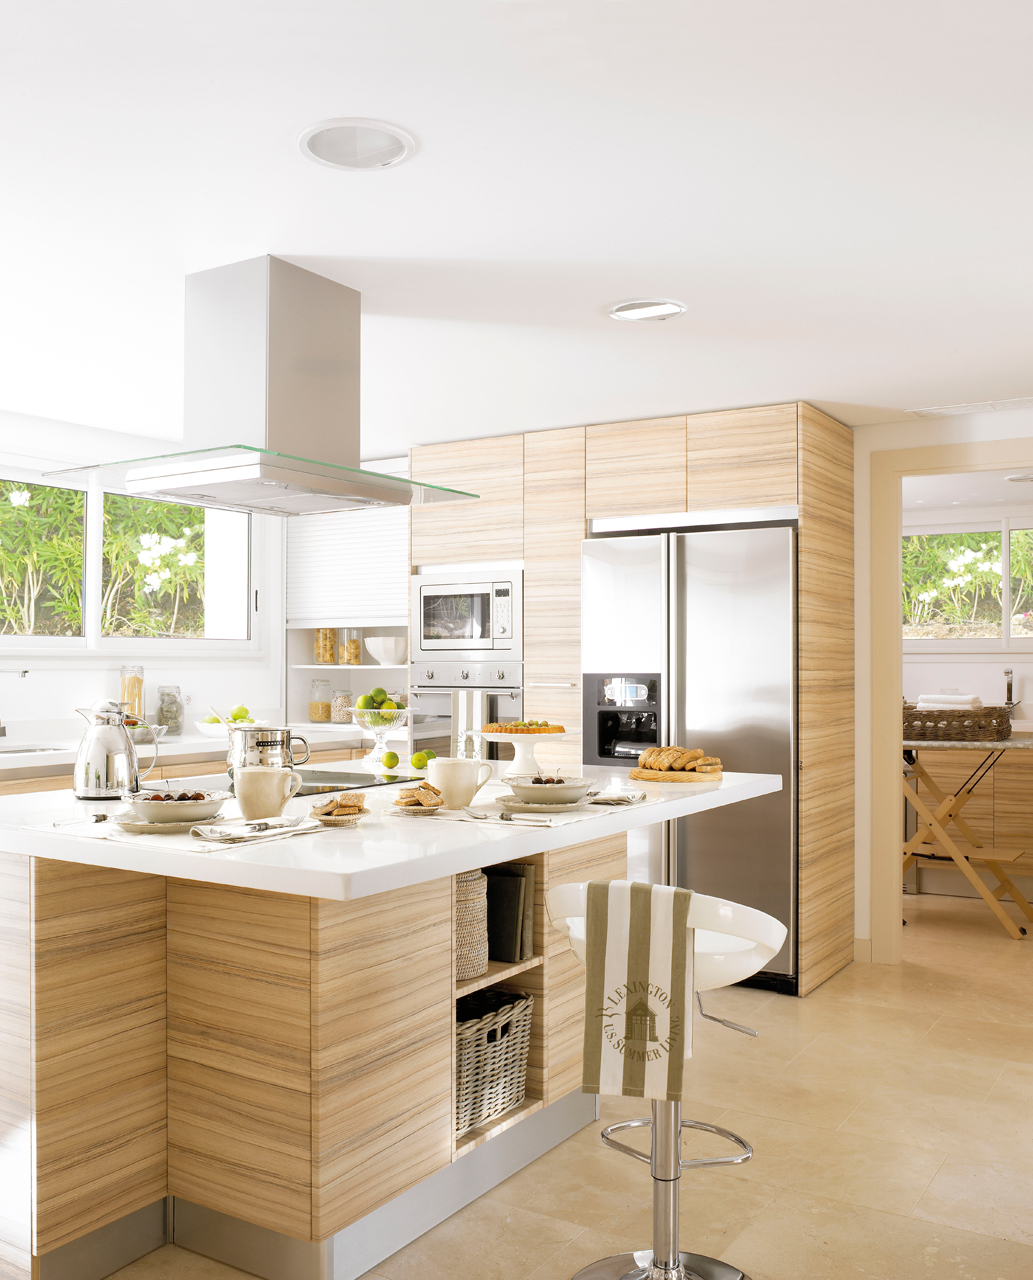 Las 9 cocinas de madera m s c lidas for Muestrario cocinas